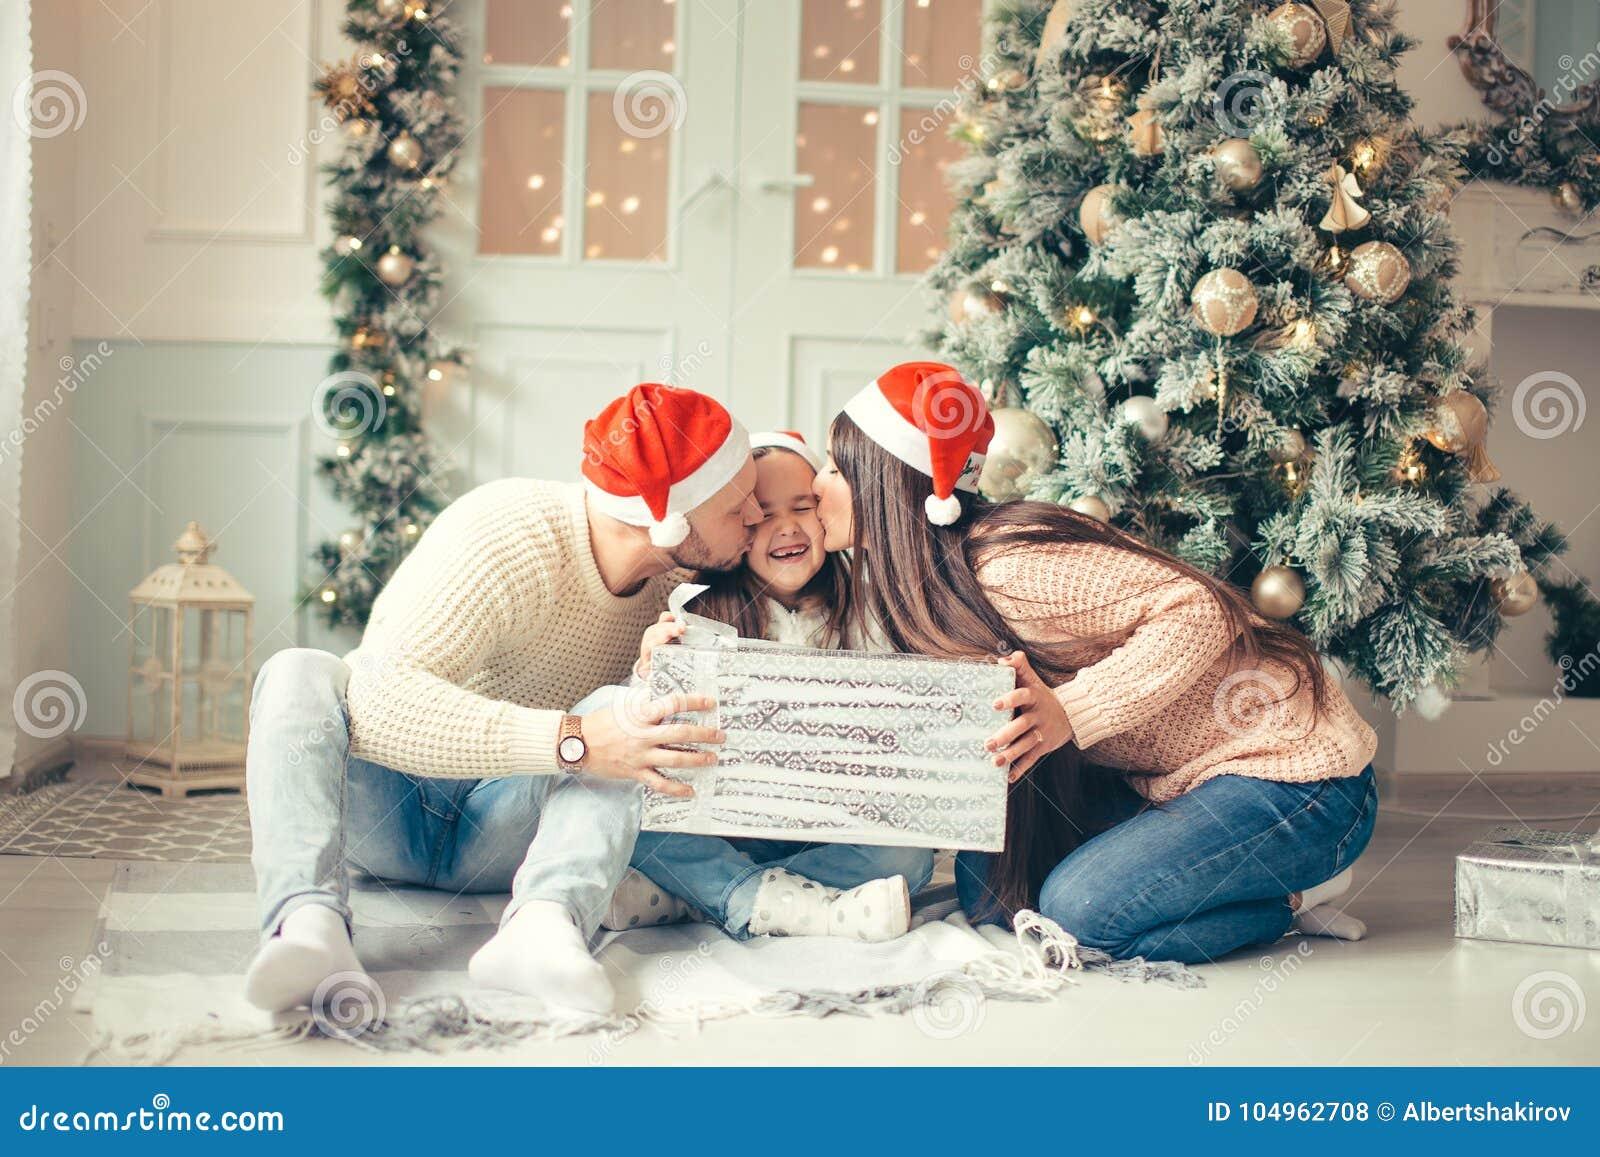 Regali Di Natale Per Casa.Bambina Sorpresa Con I Regali Di Natale Vicino Ad Un Albero Di